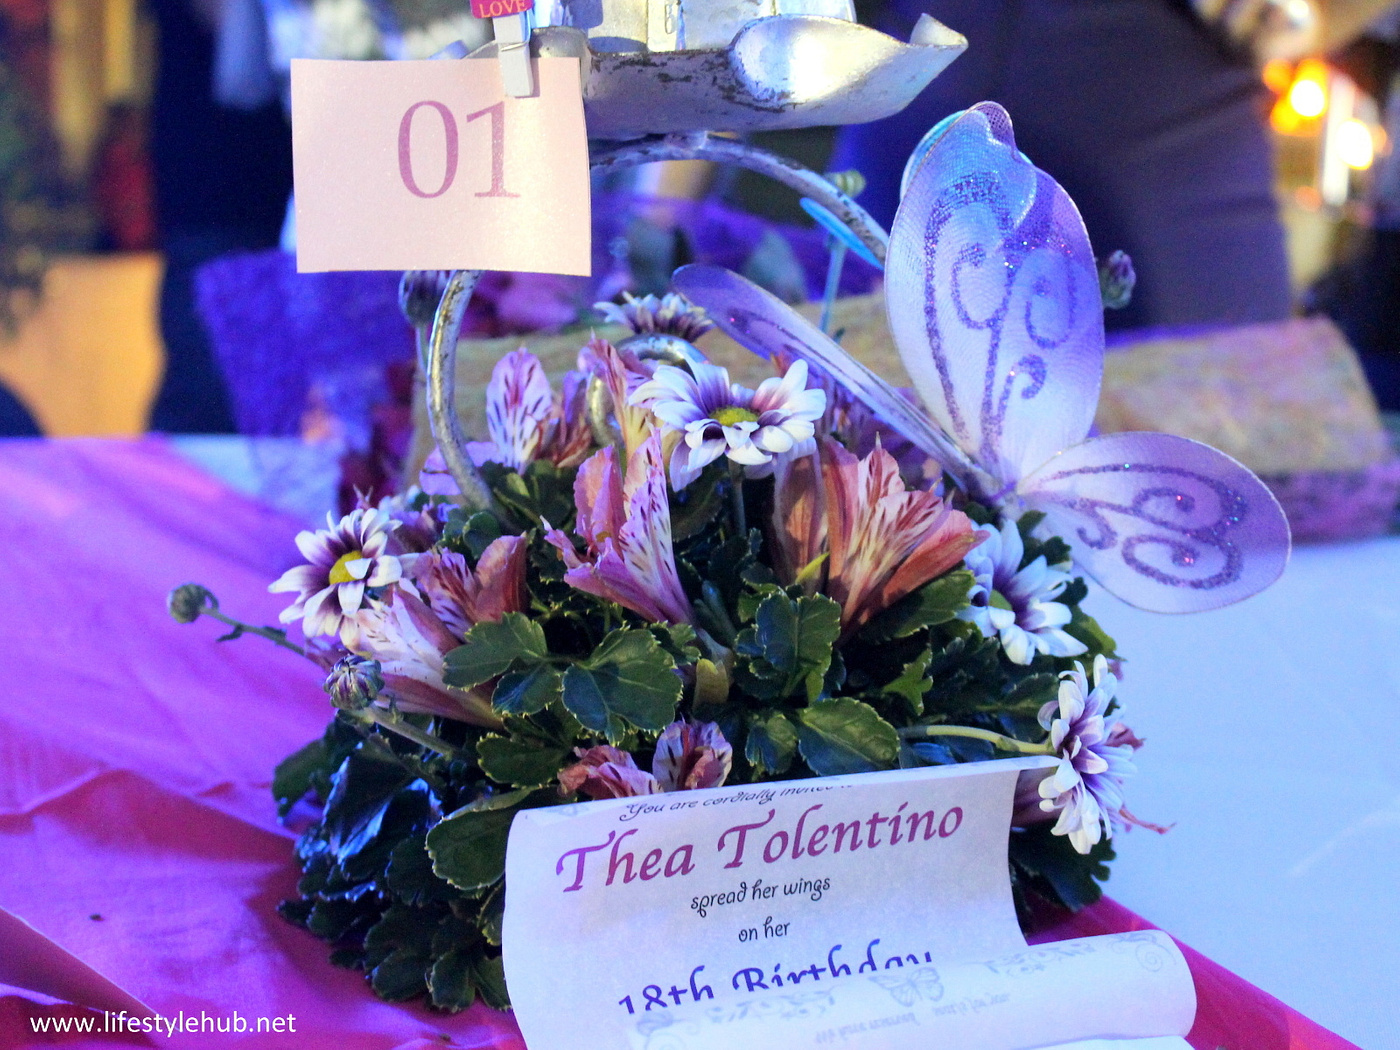 thea tolentino 18th birthday, debut